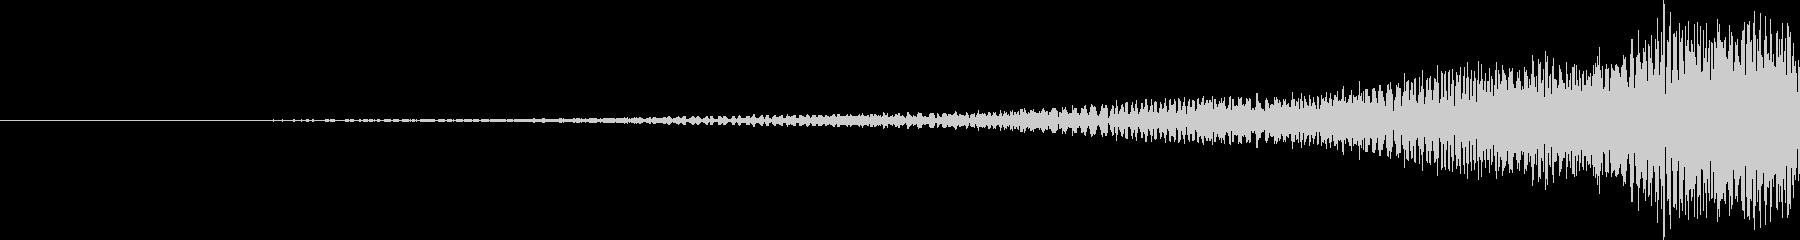 起動・スタート・立ち上げ・インパクト音の未再生の波形